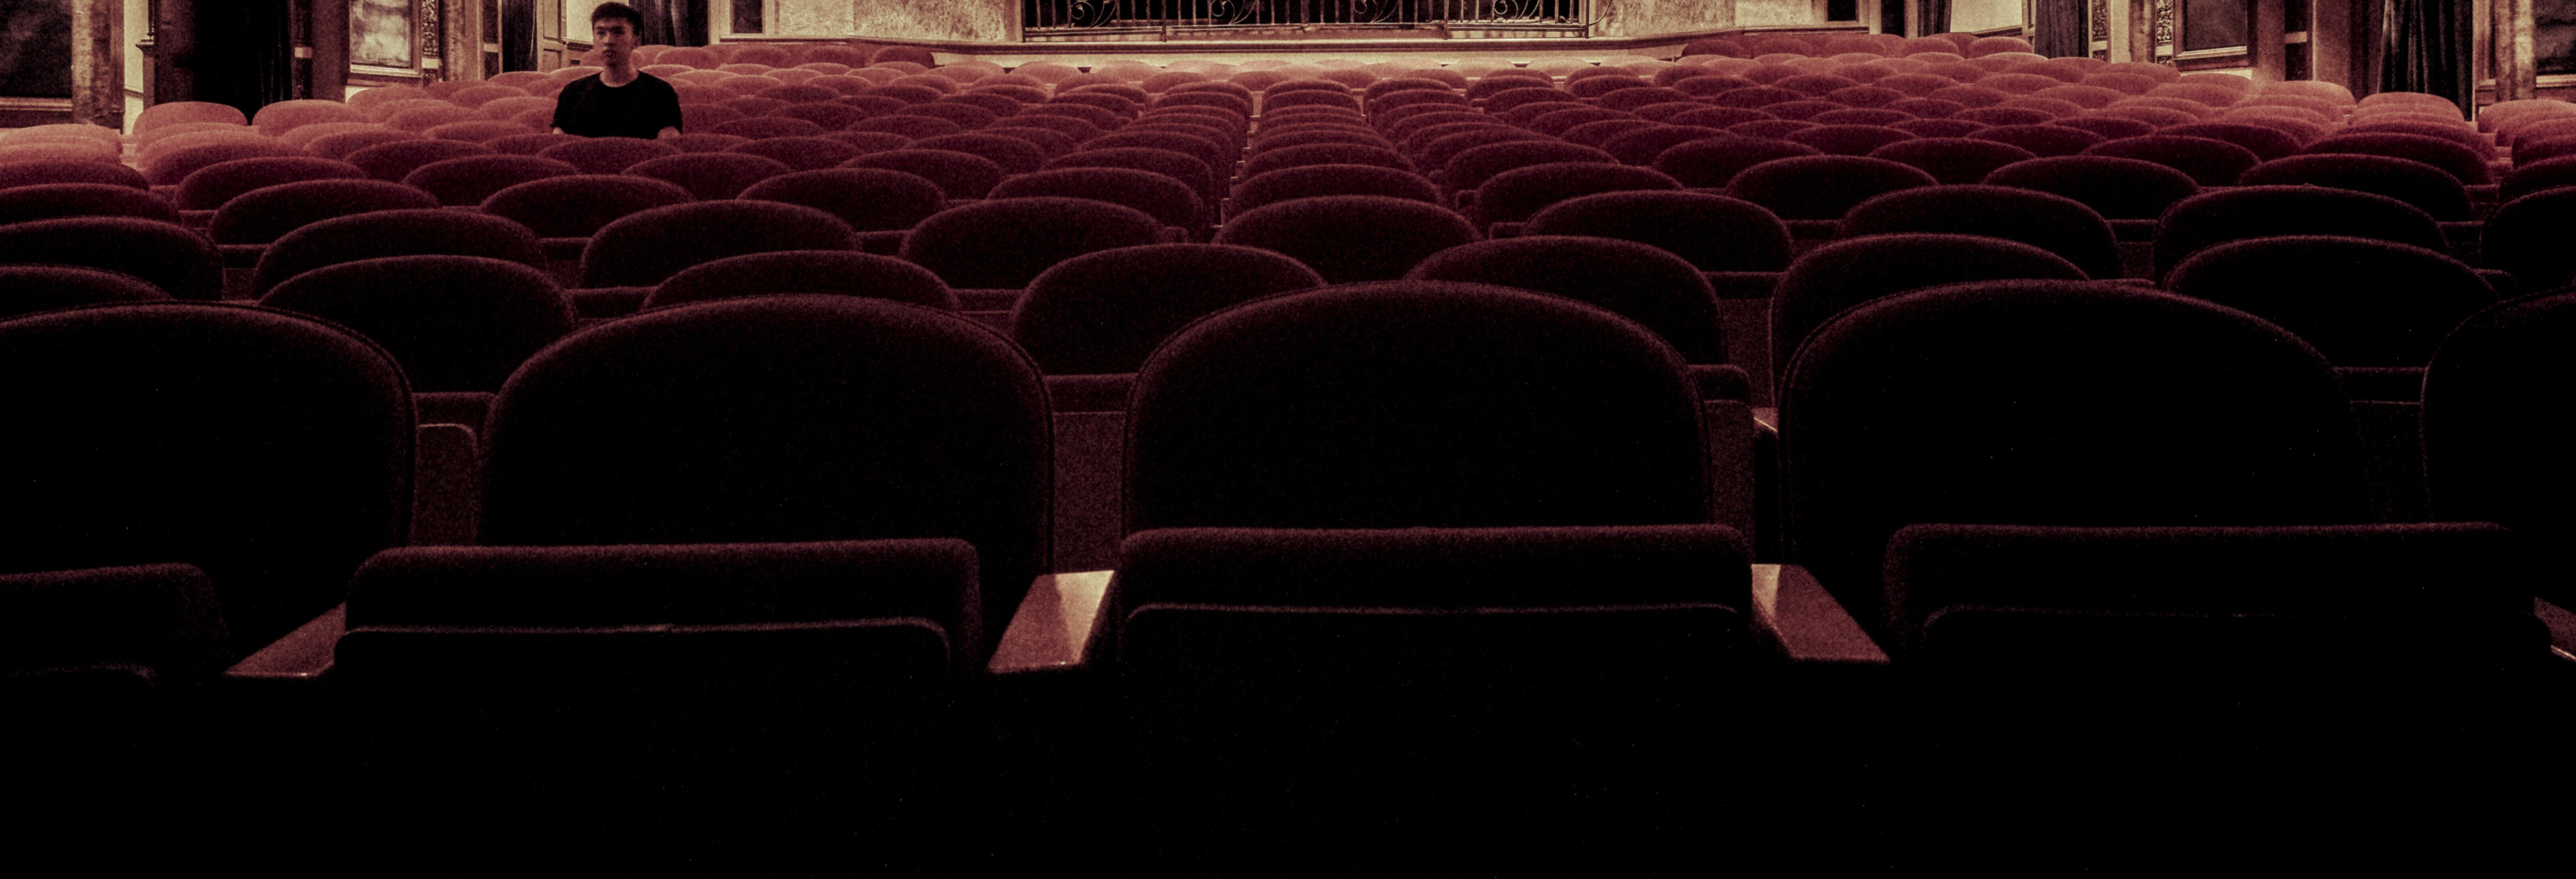 Slováci bodovali na ruskom filmovom festivale BMECTE